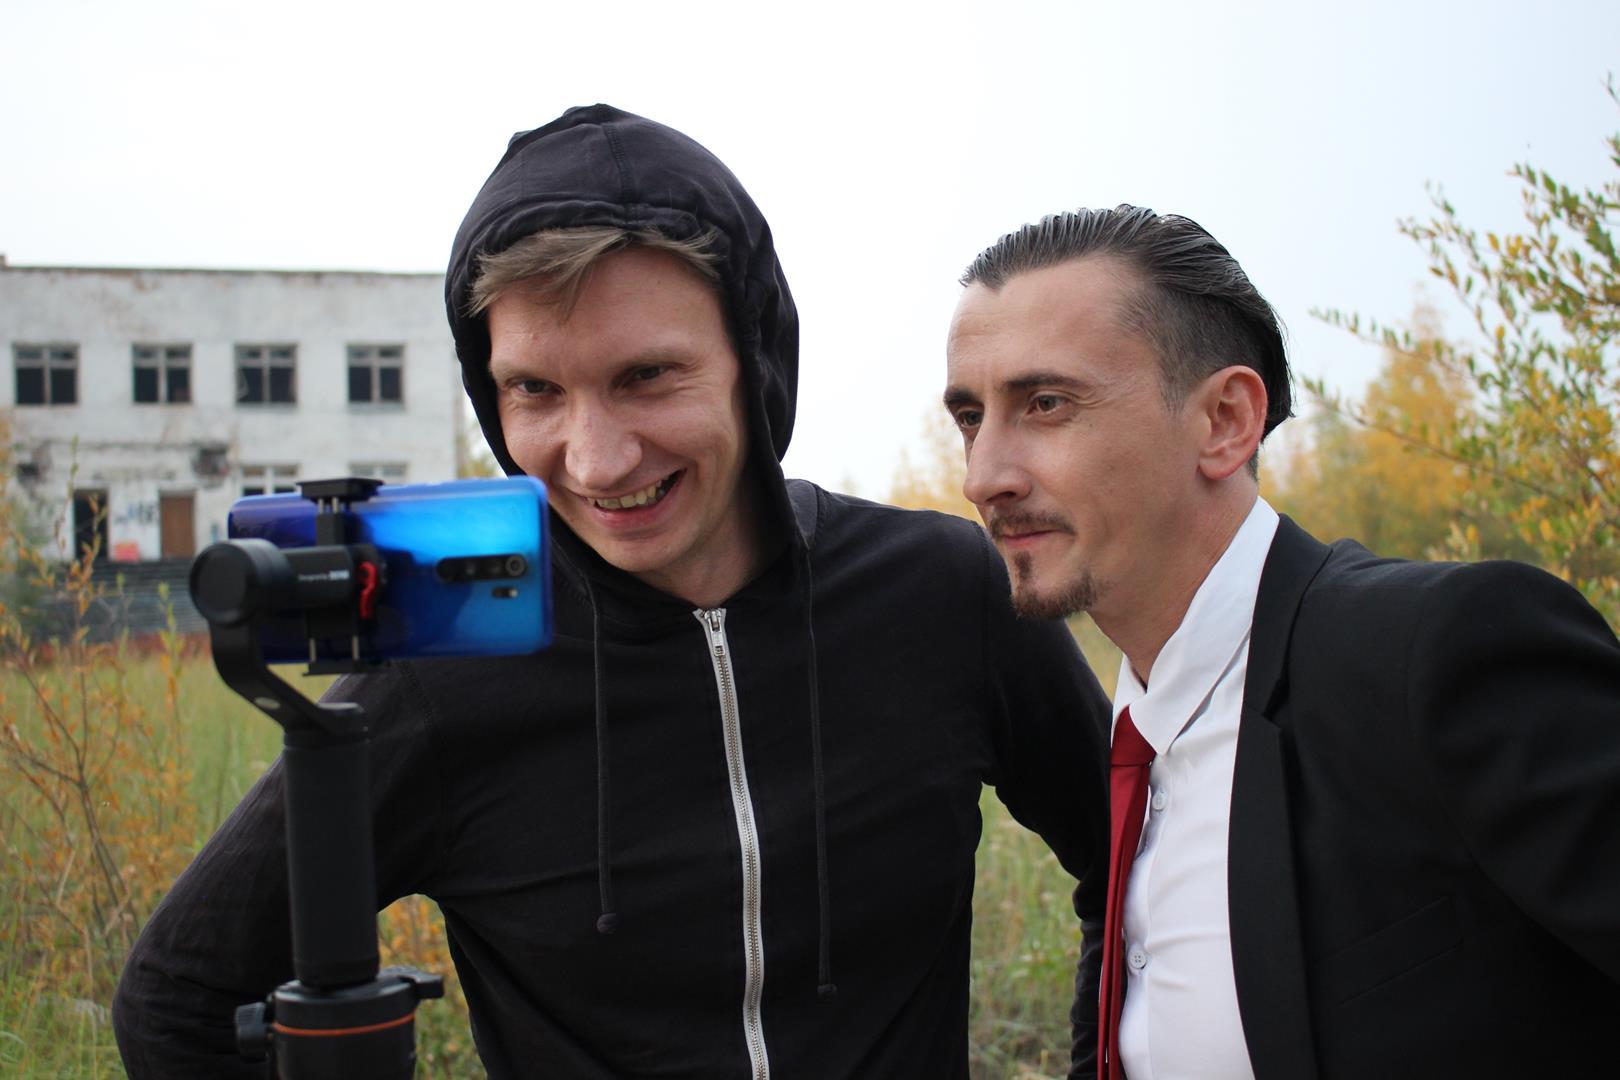 «Батя» - первый интерактивный сериал, произведенный в Якутии. Репортаж со съемочной площадки